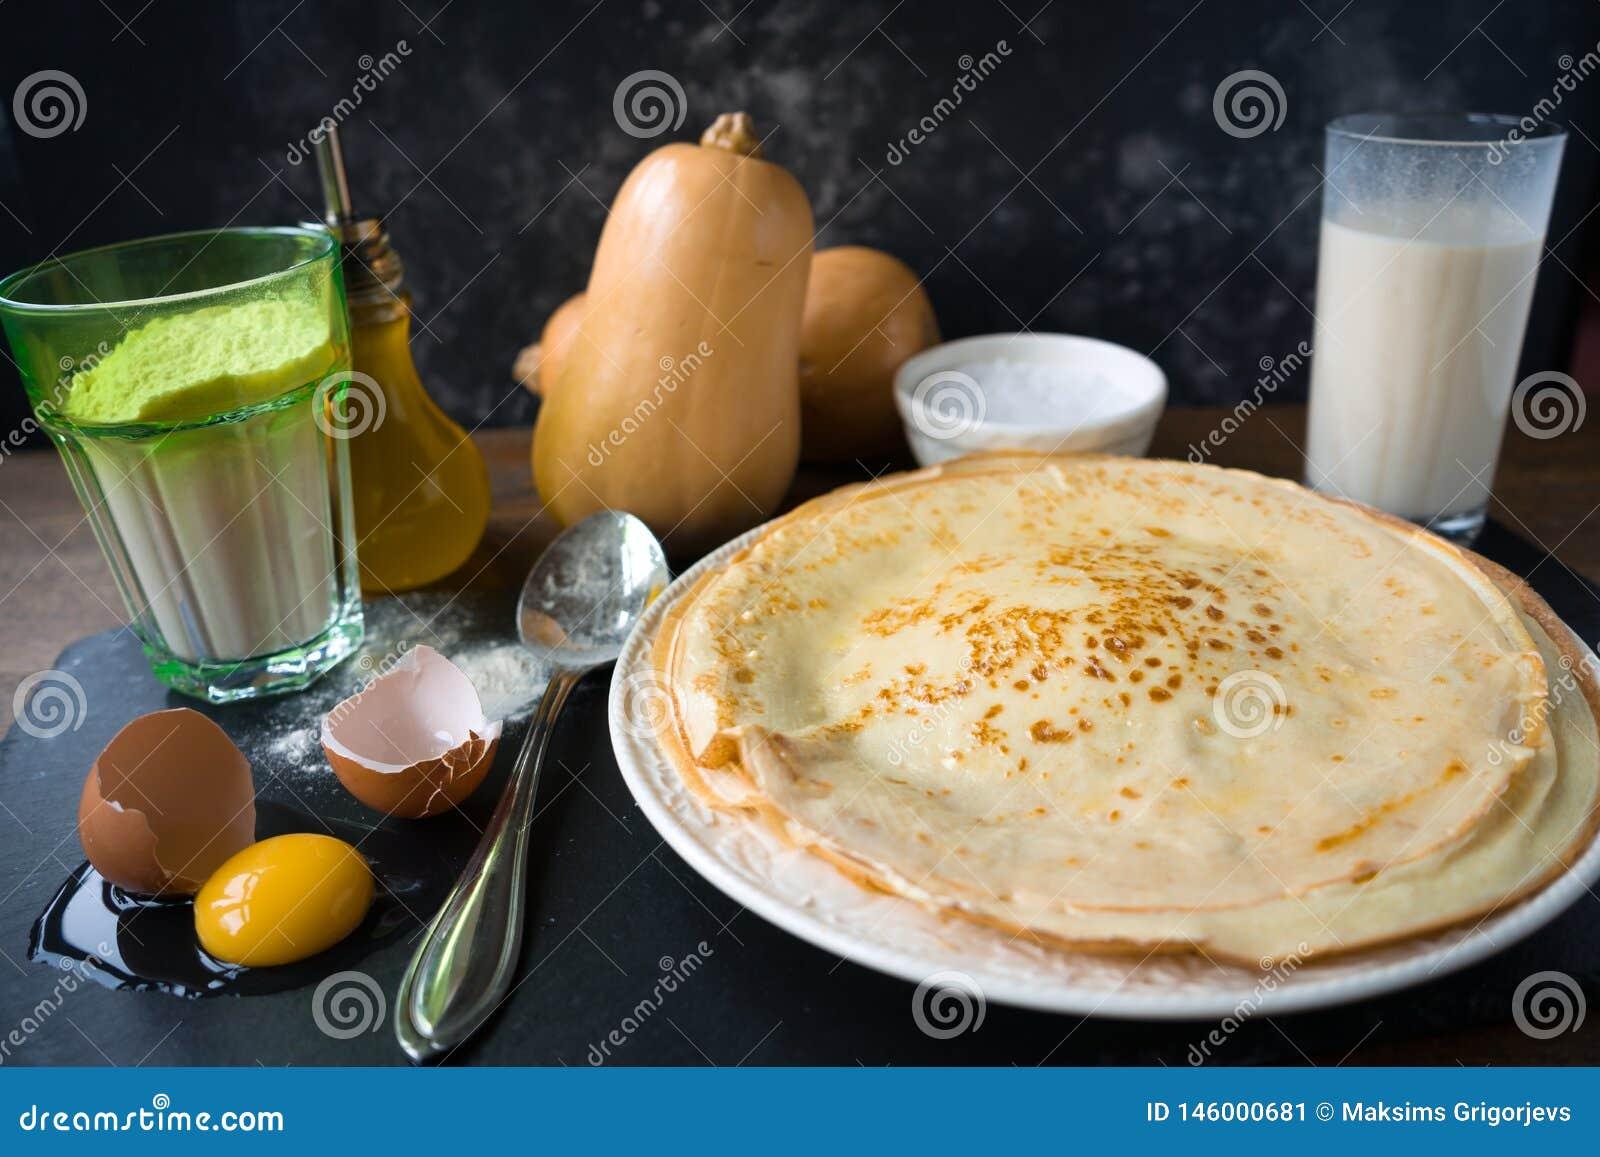 做的薄煎饼-鸡蛋、黄油、牛奶、糖和未加工的面团,土气或者农村样式成份